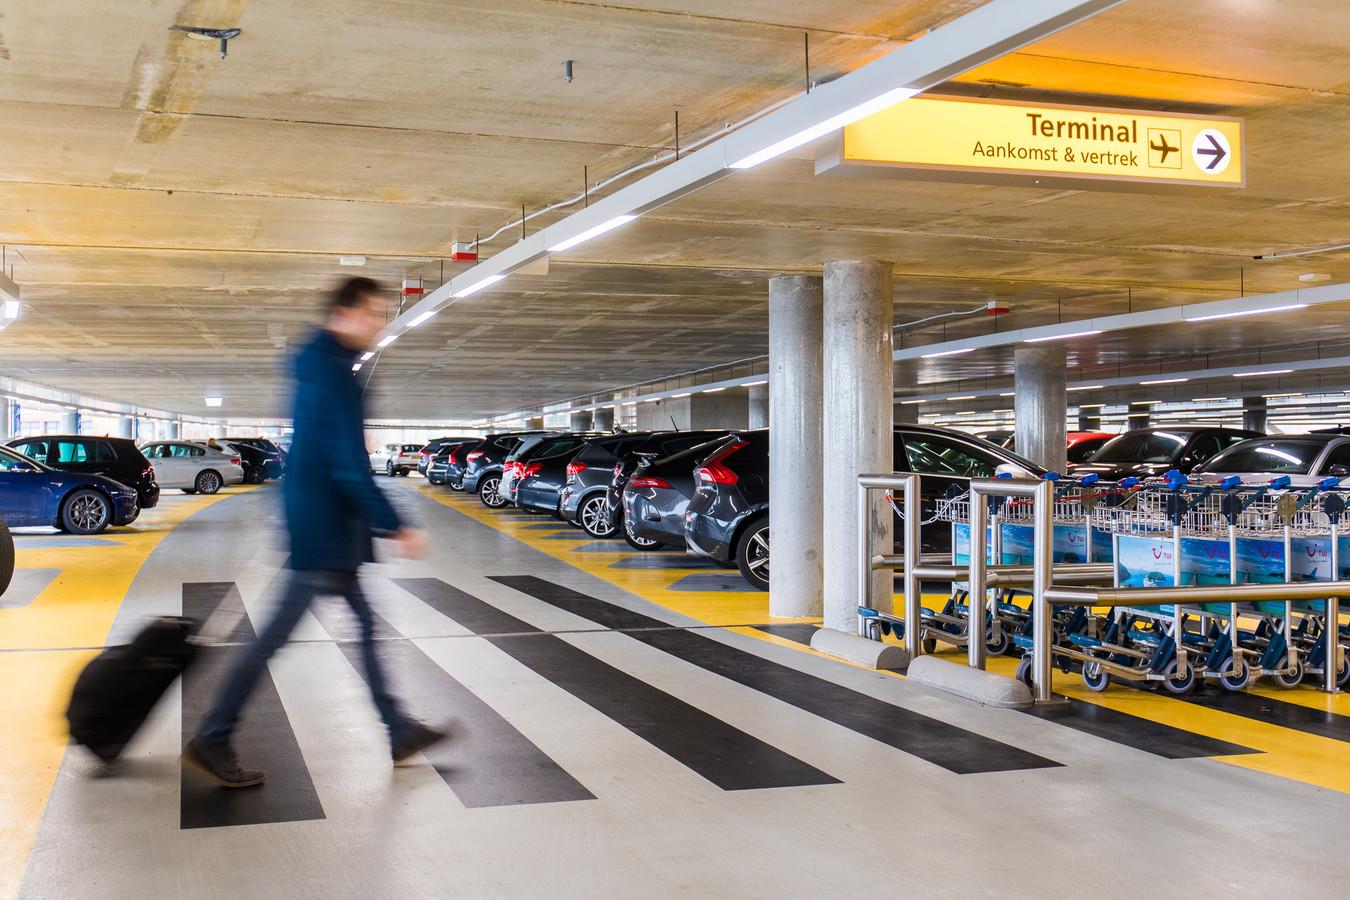 Parkeergarage P1 op Eindhoven Airport.